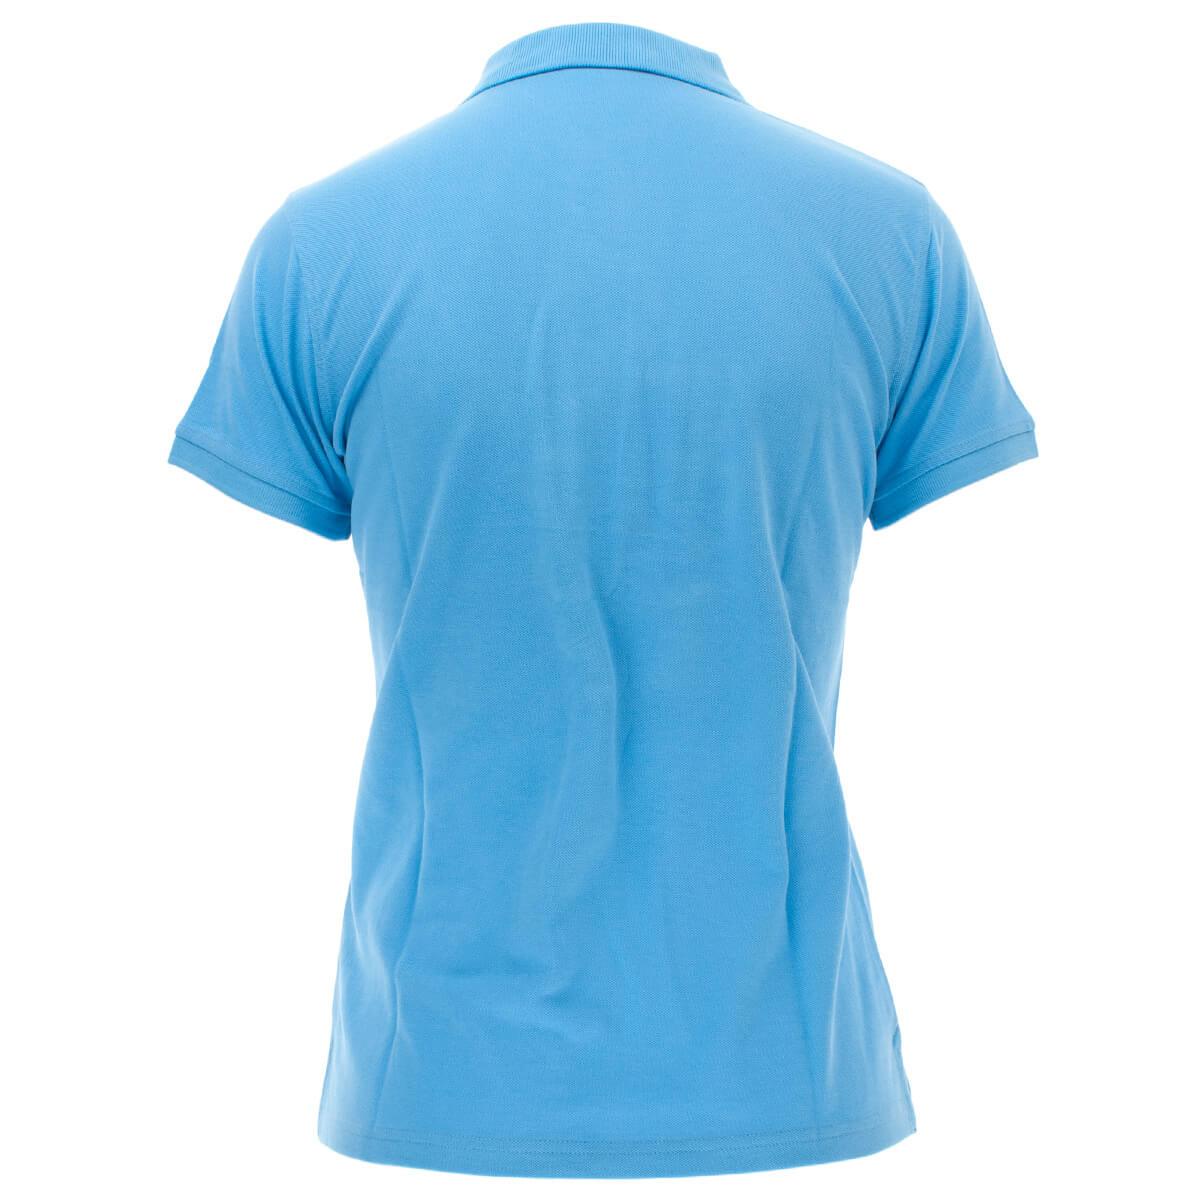 premium selection 0e06e f2a61 Gant Damen Poloshirt The Summer Pique